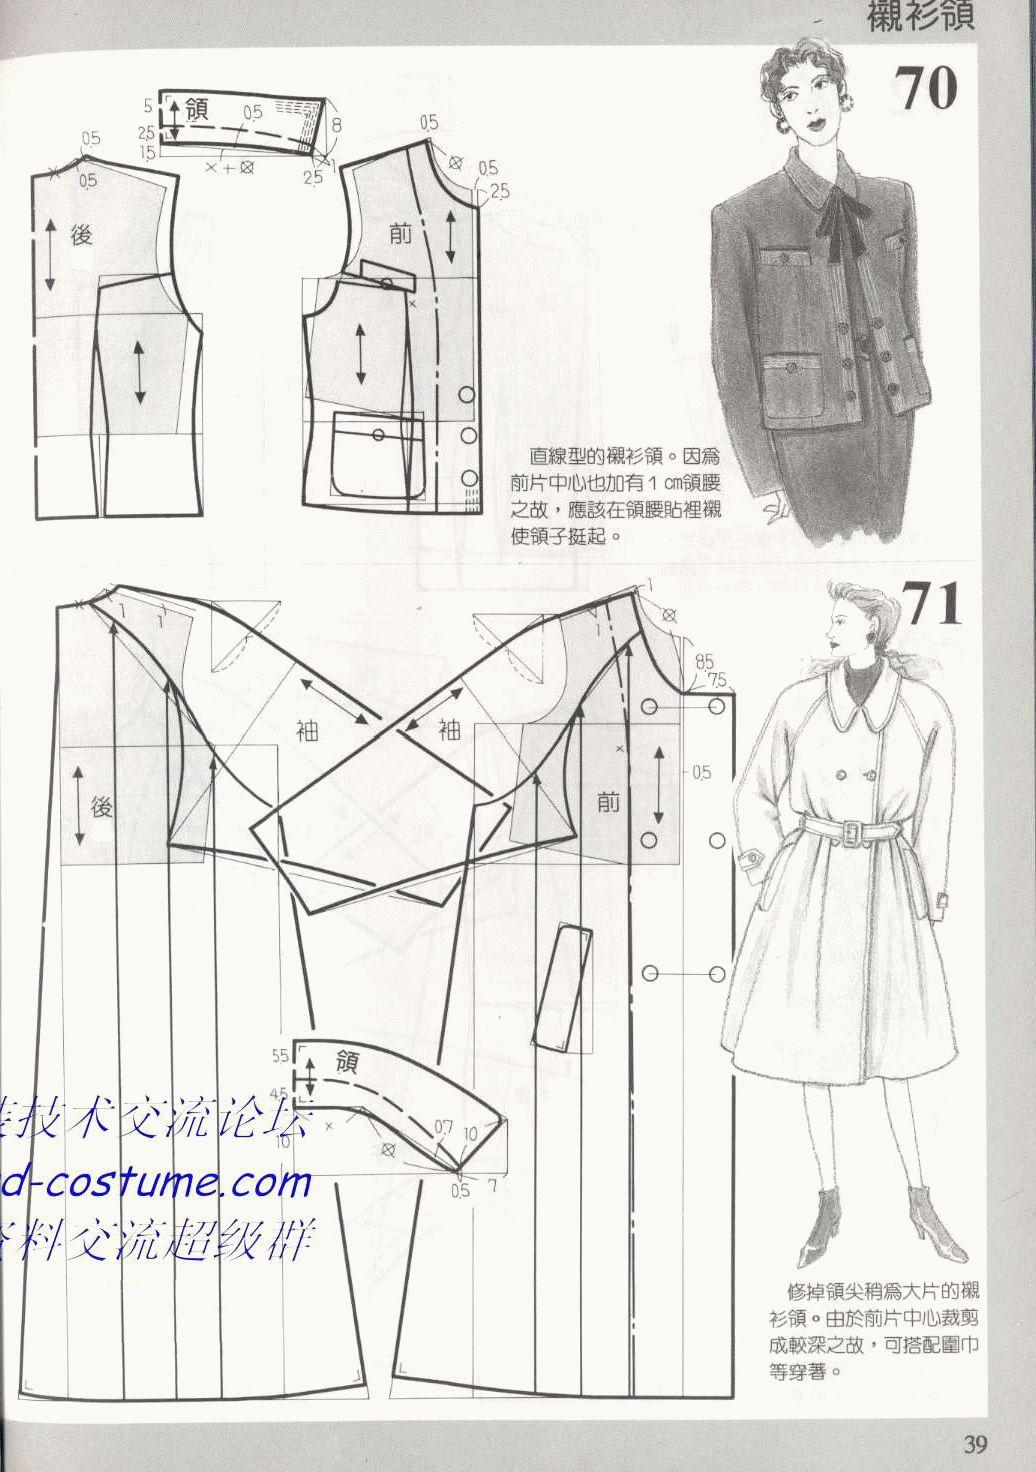 图纸集 188种领子的款式与图纸服装云教育